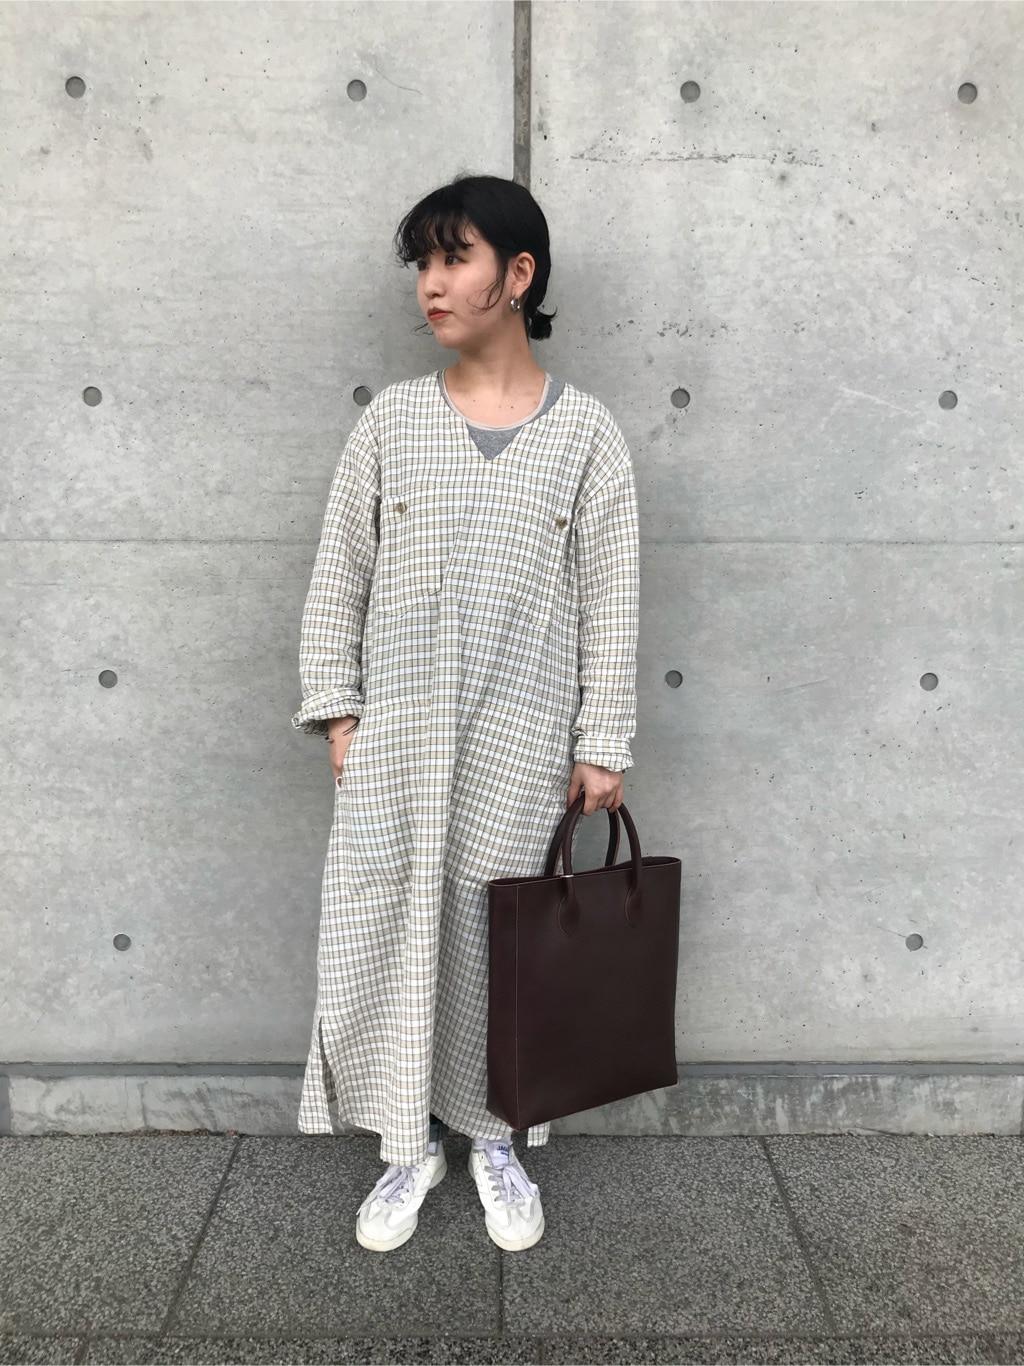 l'atelier du savon 東京スカイツリータウン・ソラマチ 身長:152cm 2020.06.09